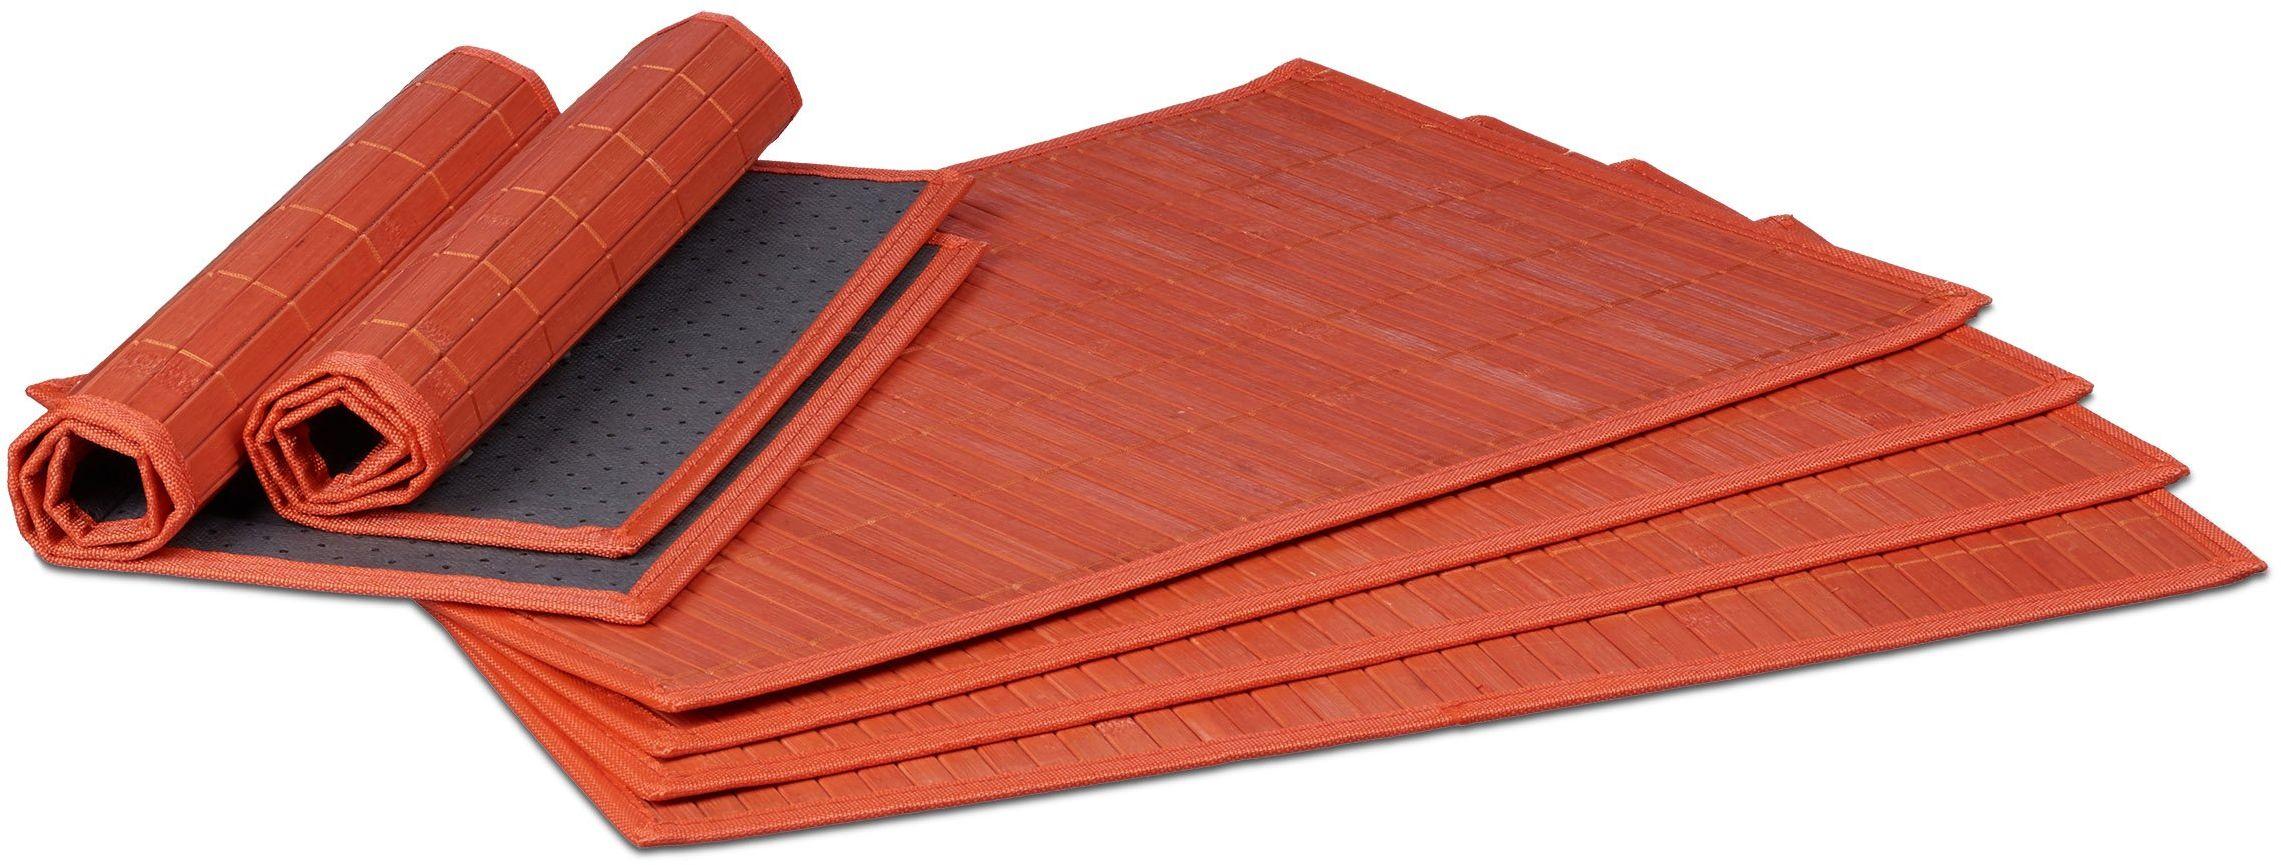 Relaxdays Zestaw 6 podkładek stołowych, zestaw 6 antypoślizgowych, nadających się do mycia bambusowych mat na stół 30 x 45 cm, czerwone, 30 x 45 x 0,3 cm